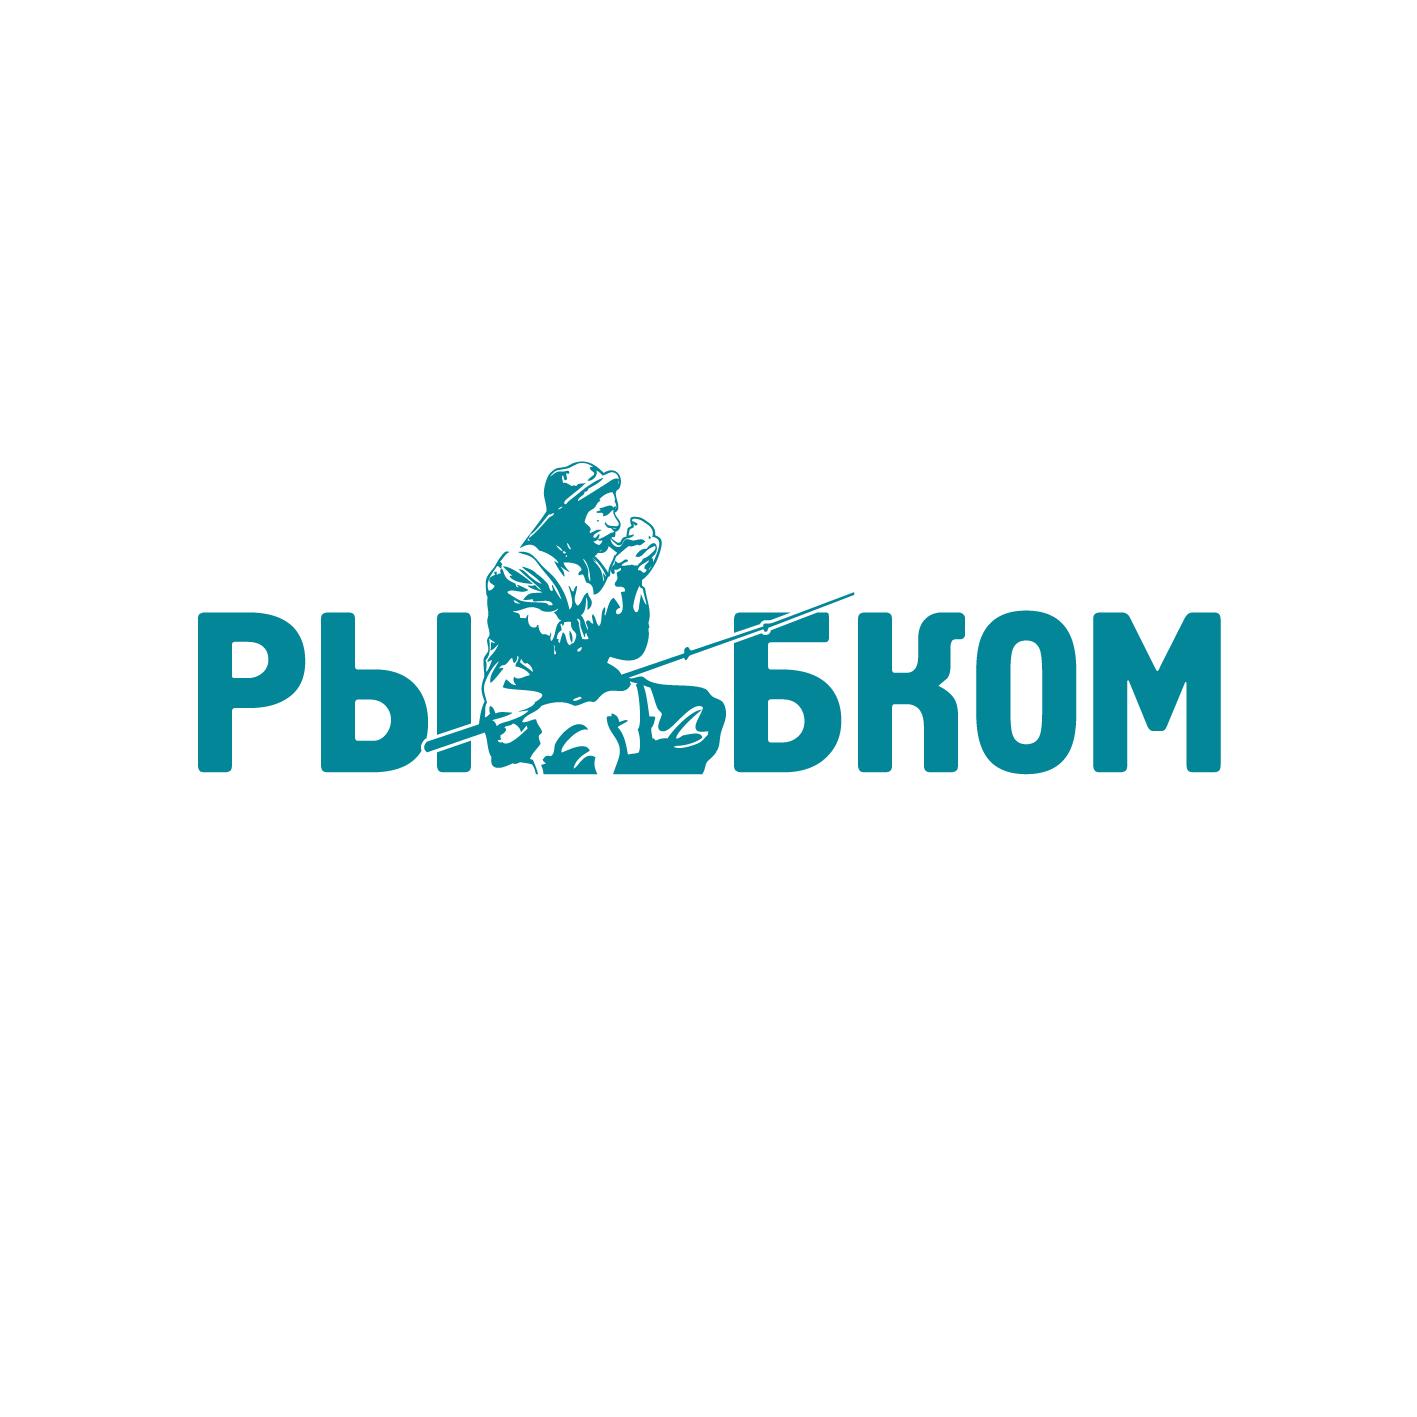 Создание логотипа и брэндбука для компании РЫБКОМ фото f_3815c0b7817adede.png